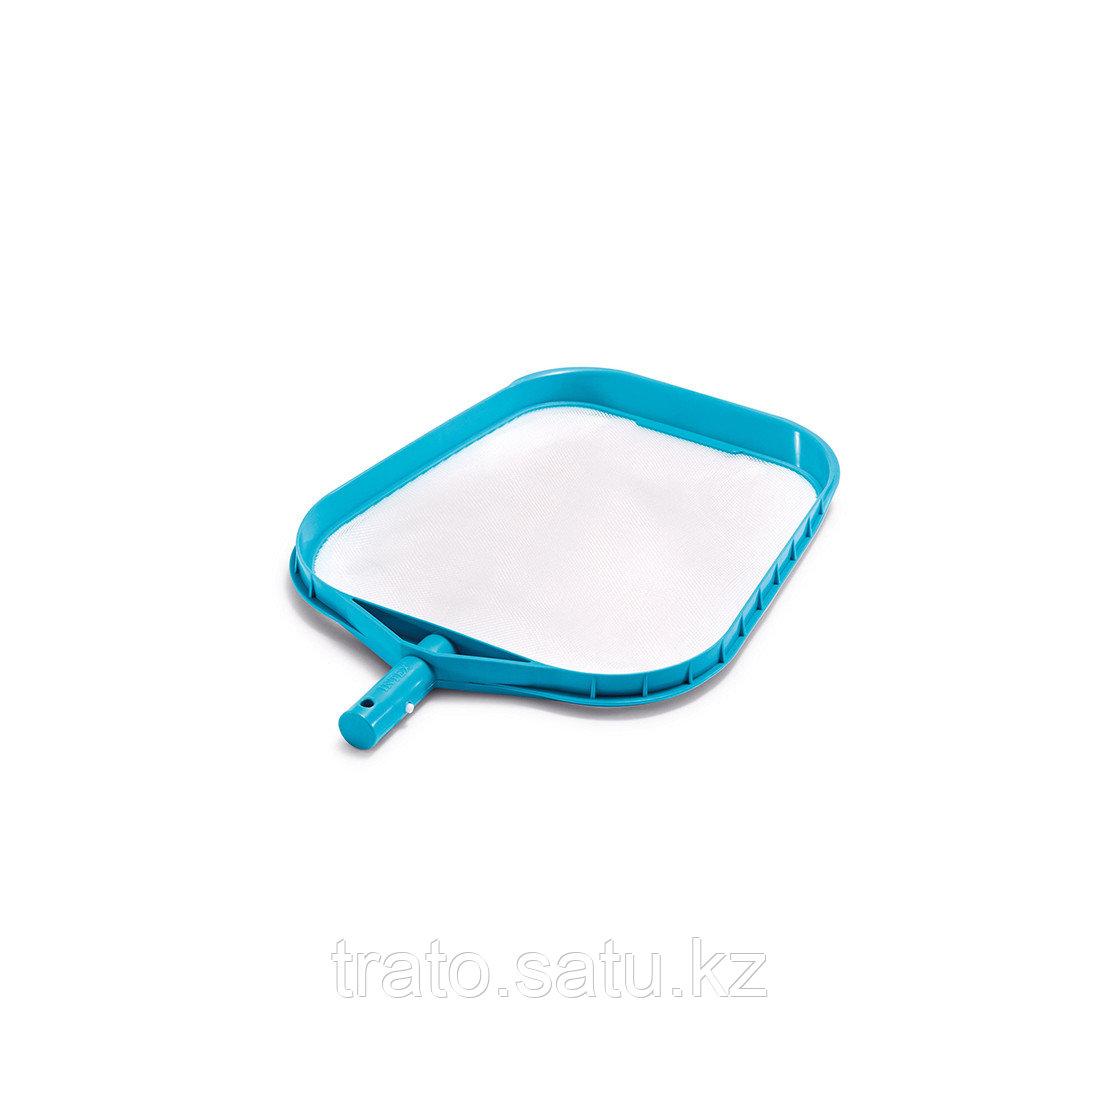 Насадка-сачок для чистки бассейна Intex